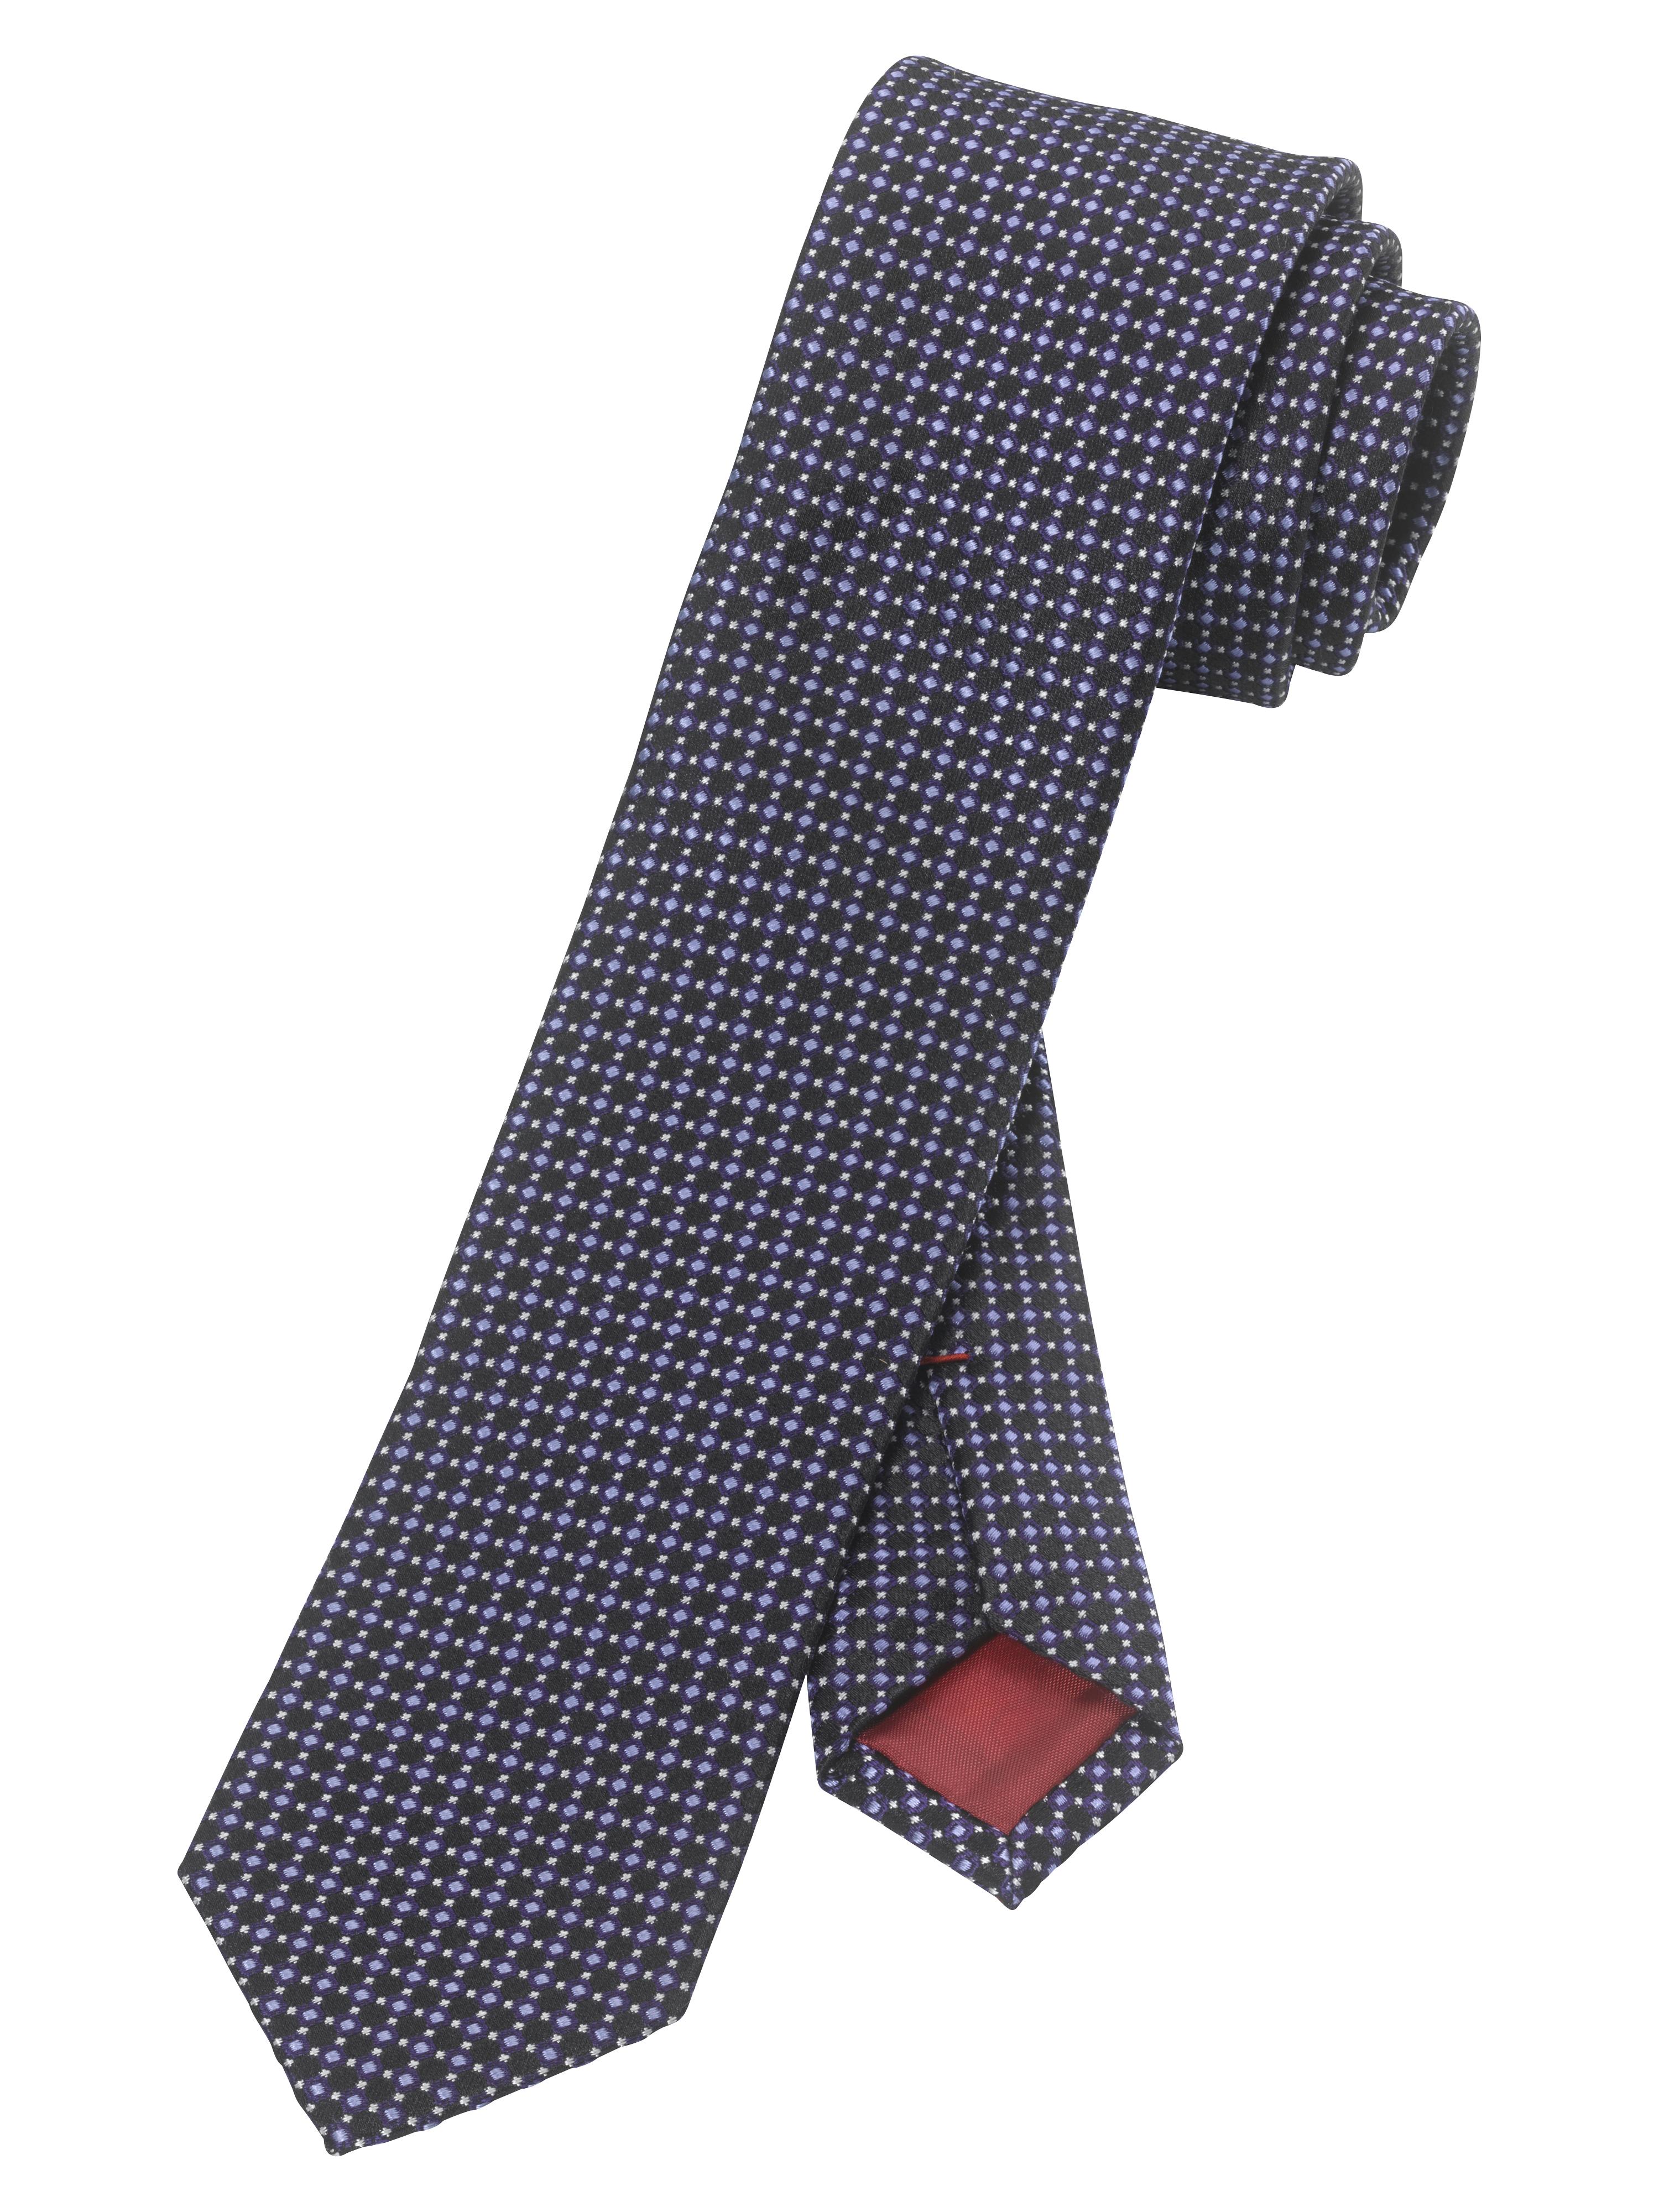 OLYMP  Krawatte, Violett, | Accessoires > Krawatten > Sonstige Krawatten | OLYMP